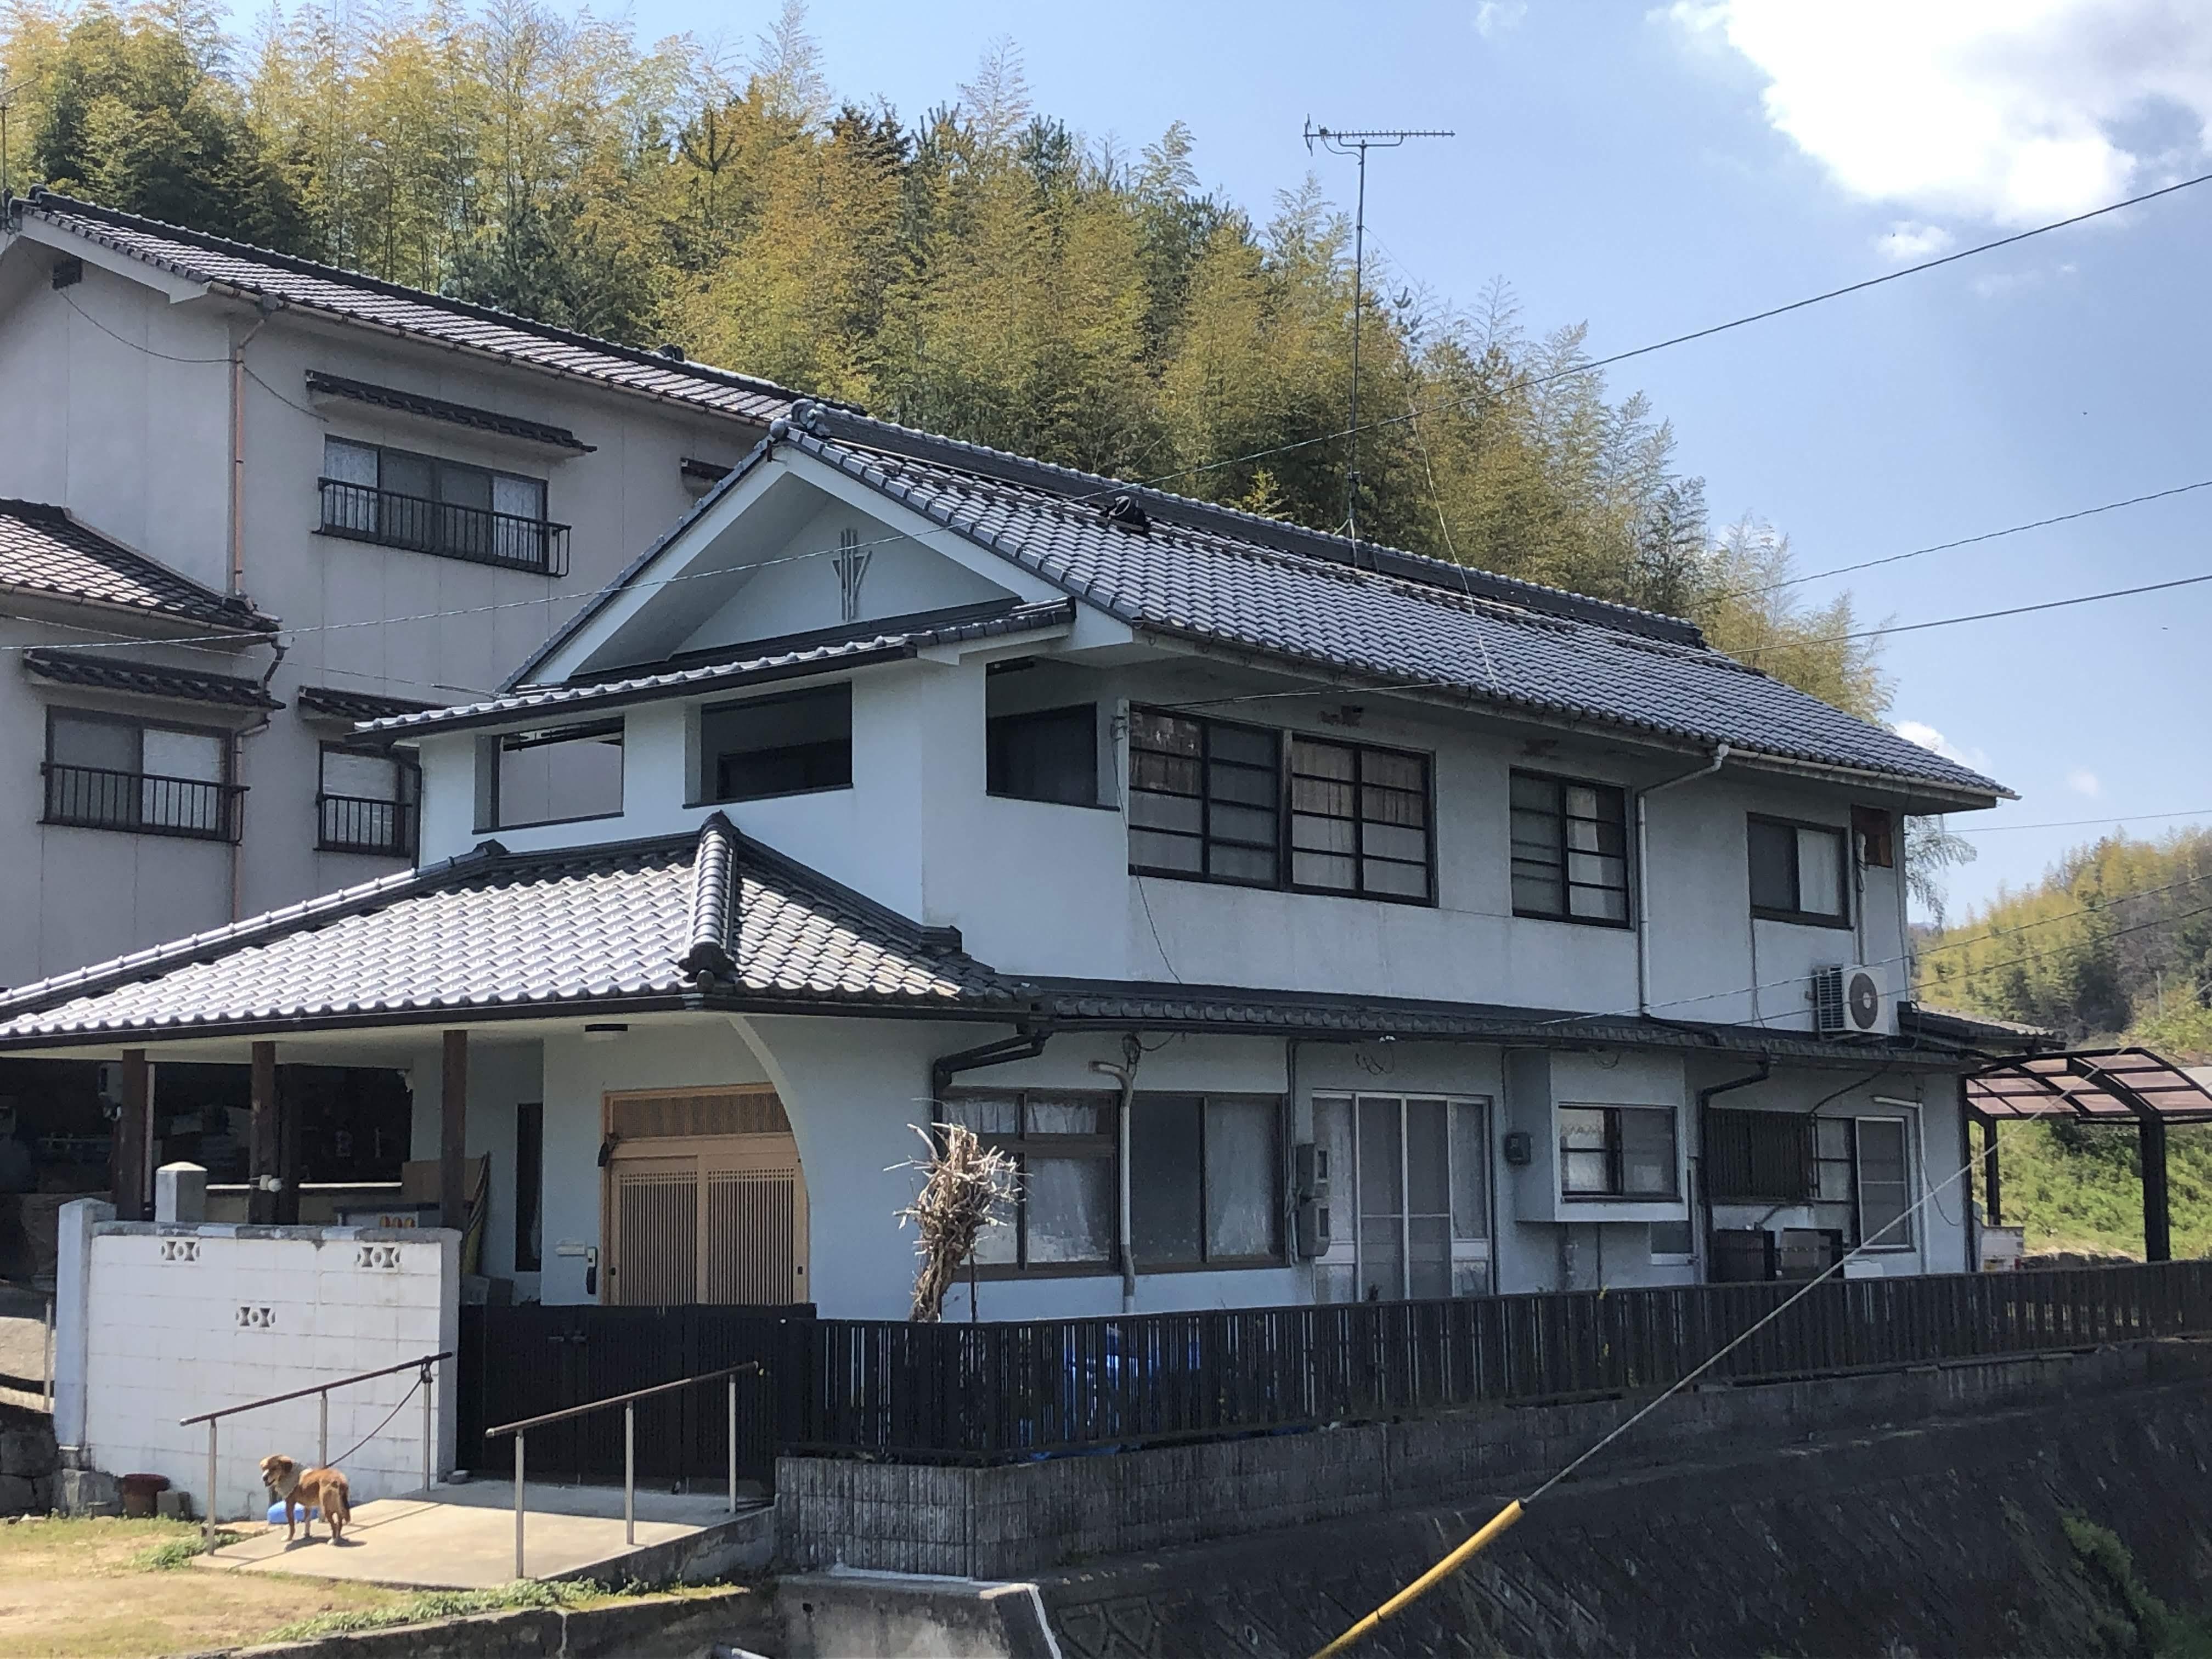 福山市芦田町 屋根葺き替え工事 竣工いたしました!!